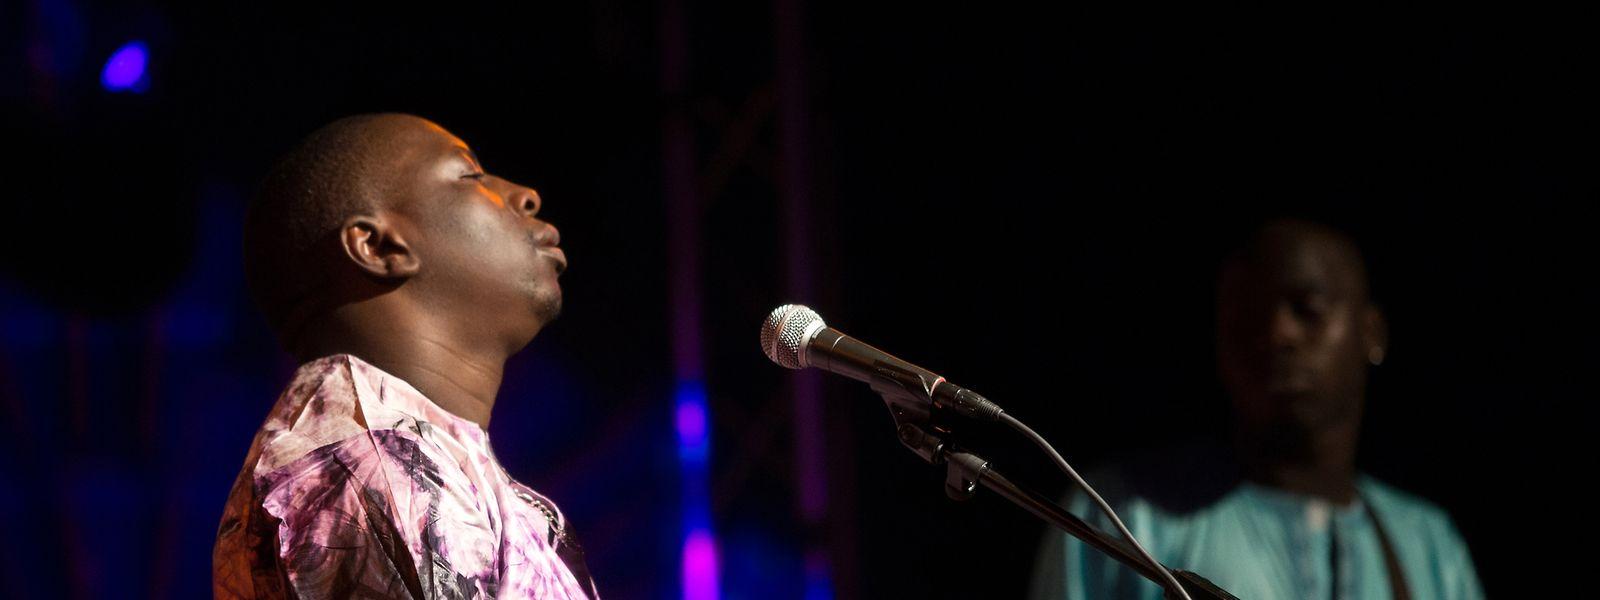 Vieux Farka Touré – hier auf der Atelier-Bühne im Dezember 2014 – gehört zu den Highlights des Festivals.